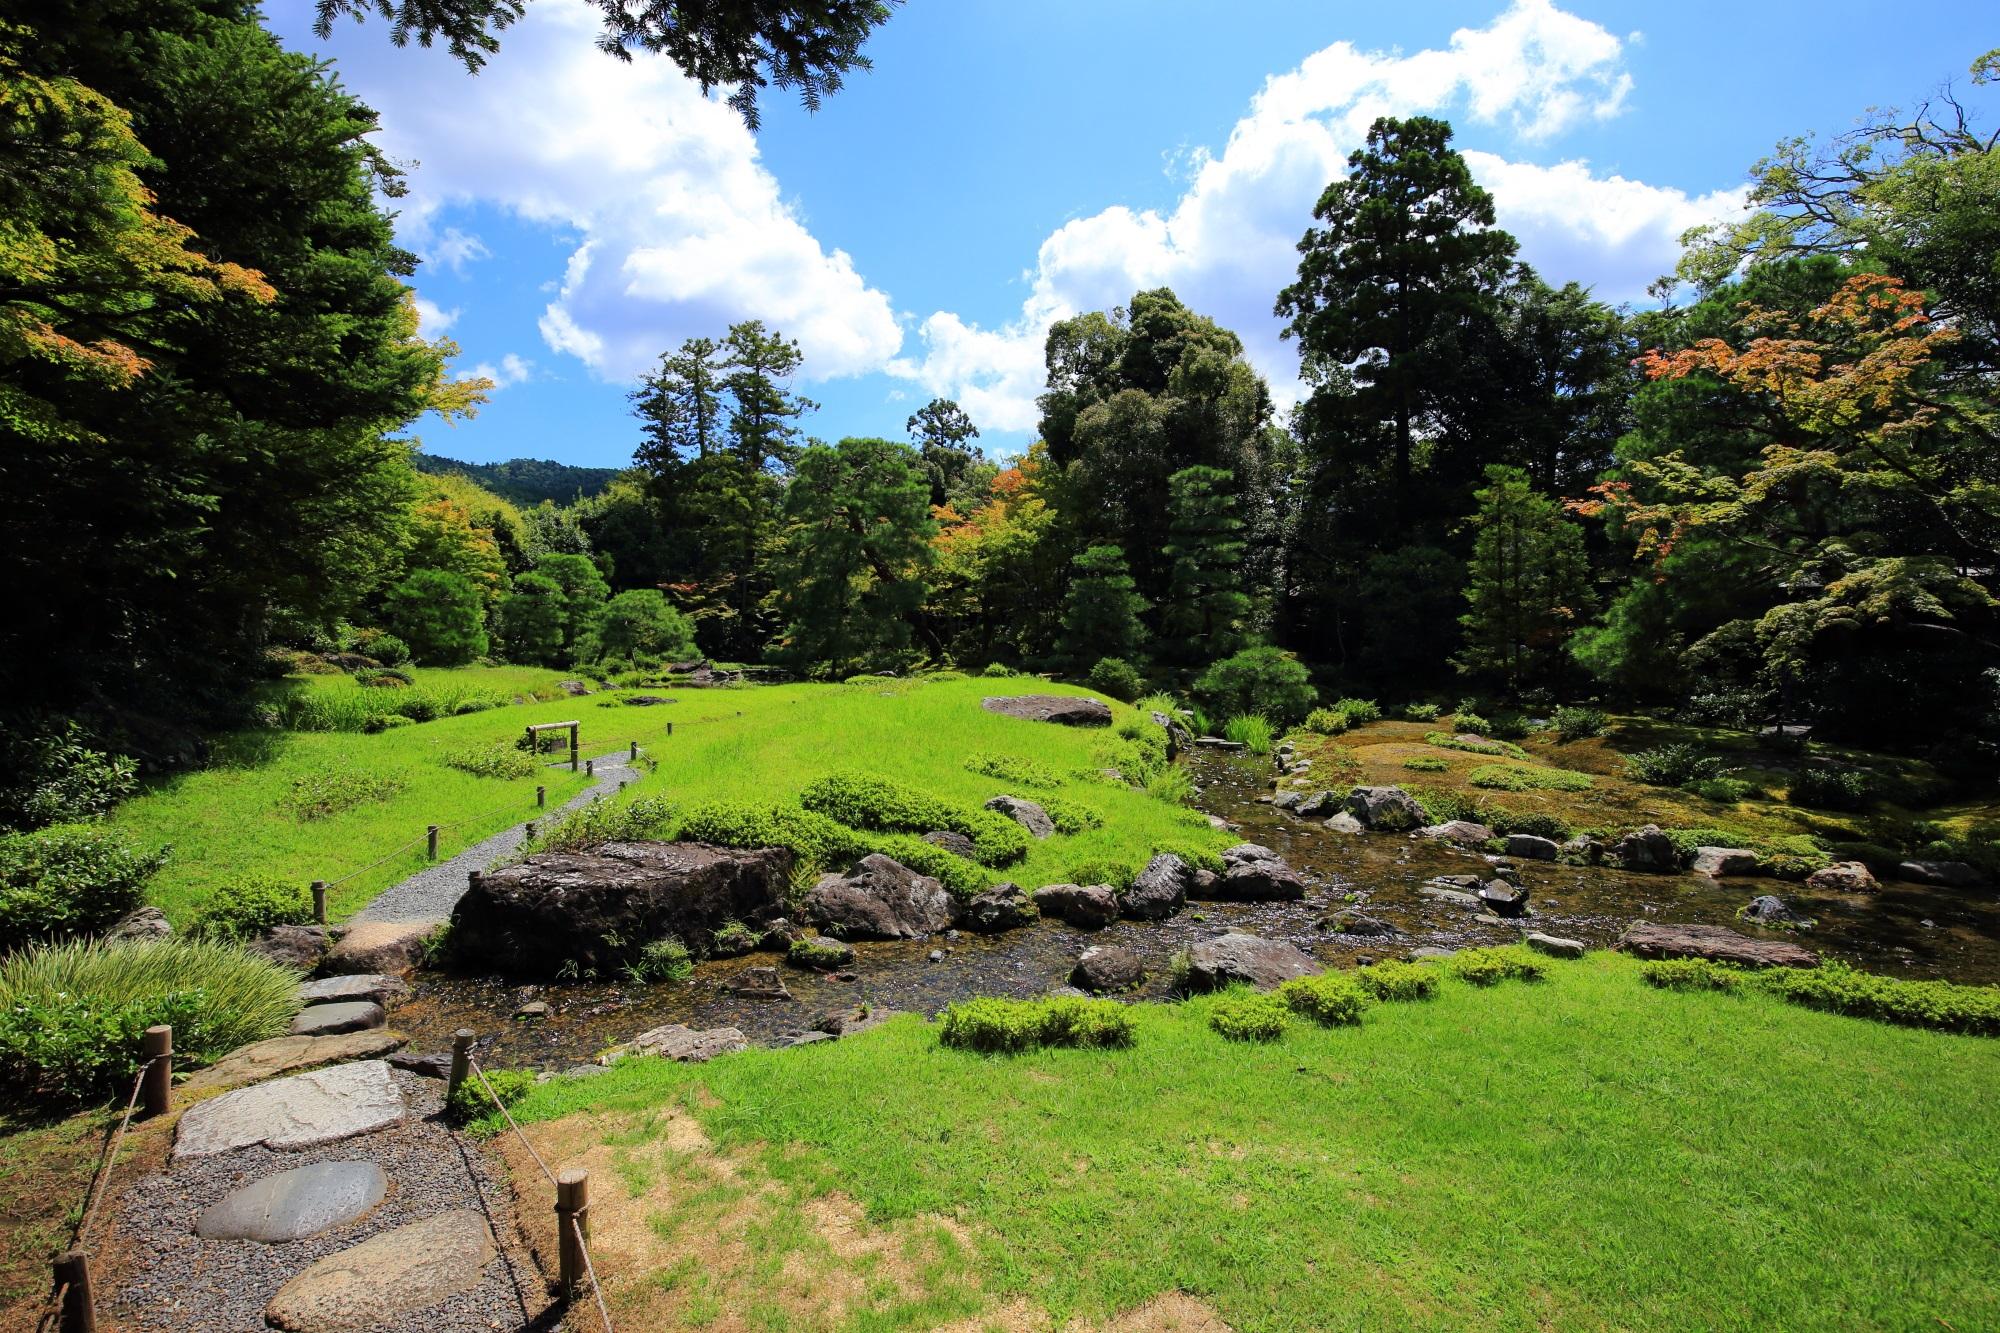 無鄰菴(むりんあん)の池泉回遊式庭園の緑の芝生